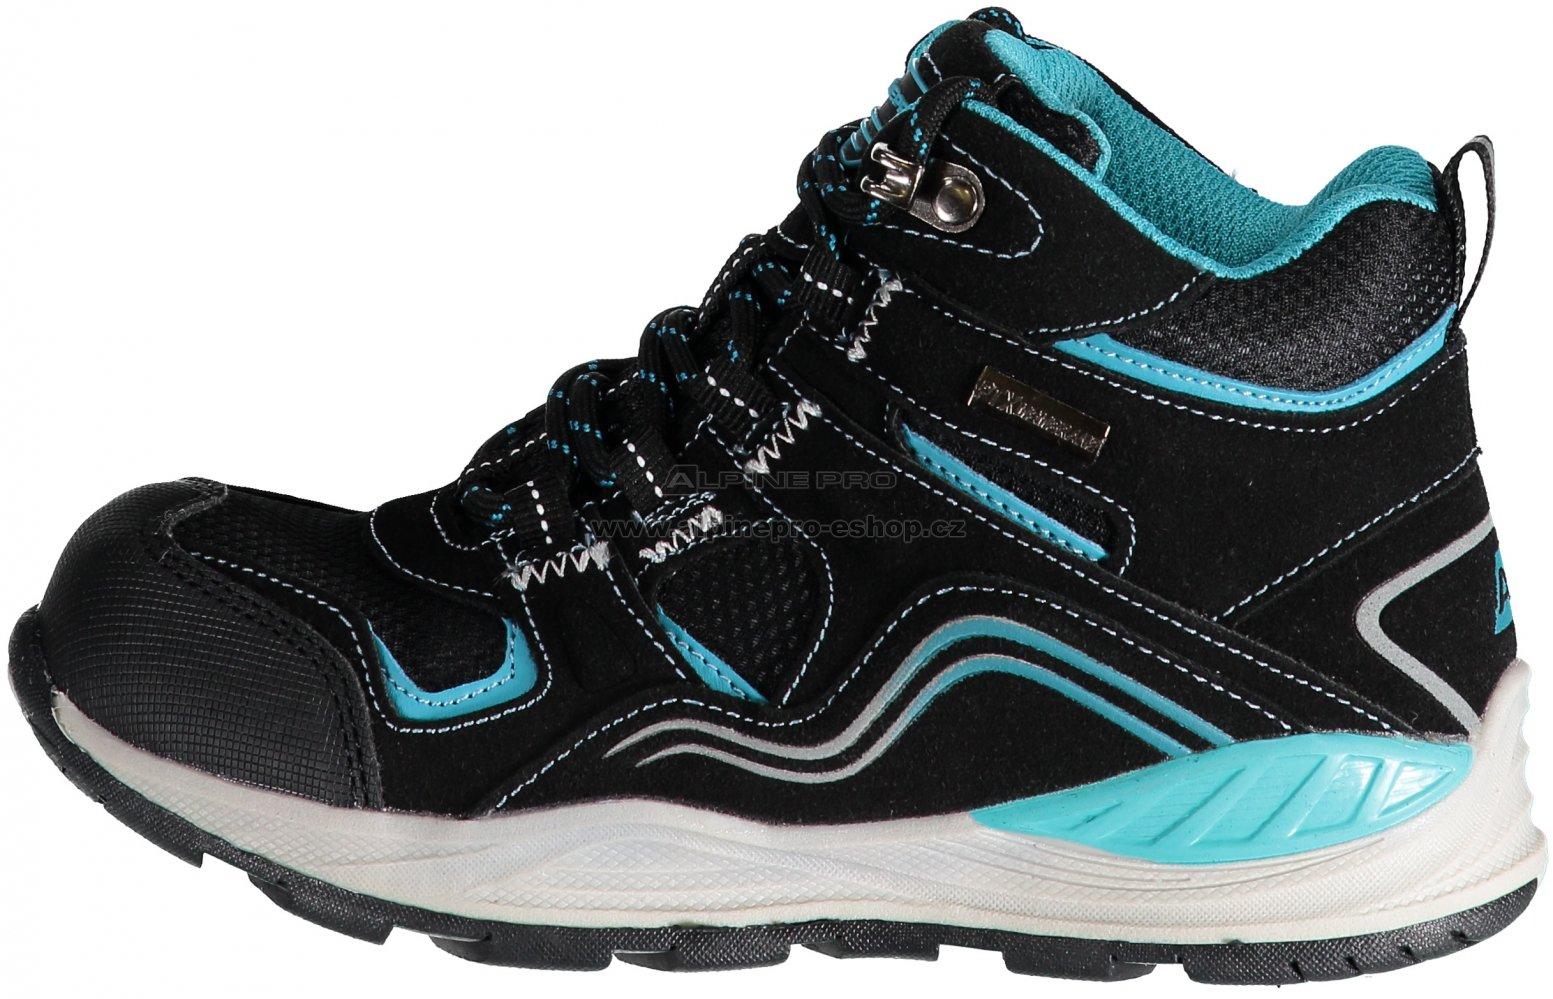 Dětská turistická obuv ALPINE PRO SIBEAL KBTM159 ČERNÁ velikost  29 ... 9f22dc9955